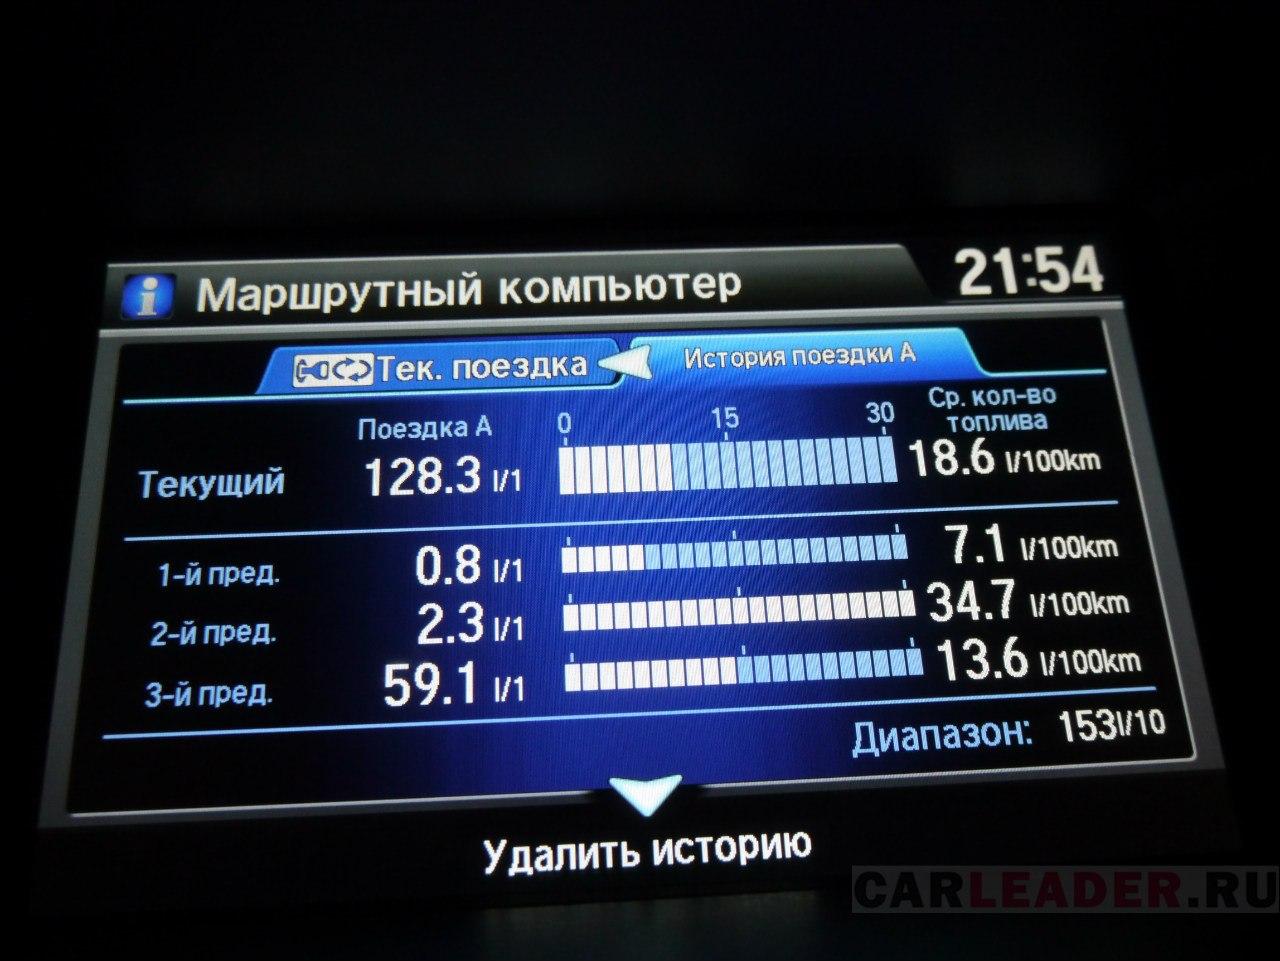 Как бы ни старалась система отключения цилиндров 3.5-литрового двигателя, а меньше 18 литров на 100 километров пути не получается. Радует, что 92-го, которым рекомендовано заправляться.